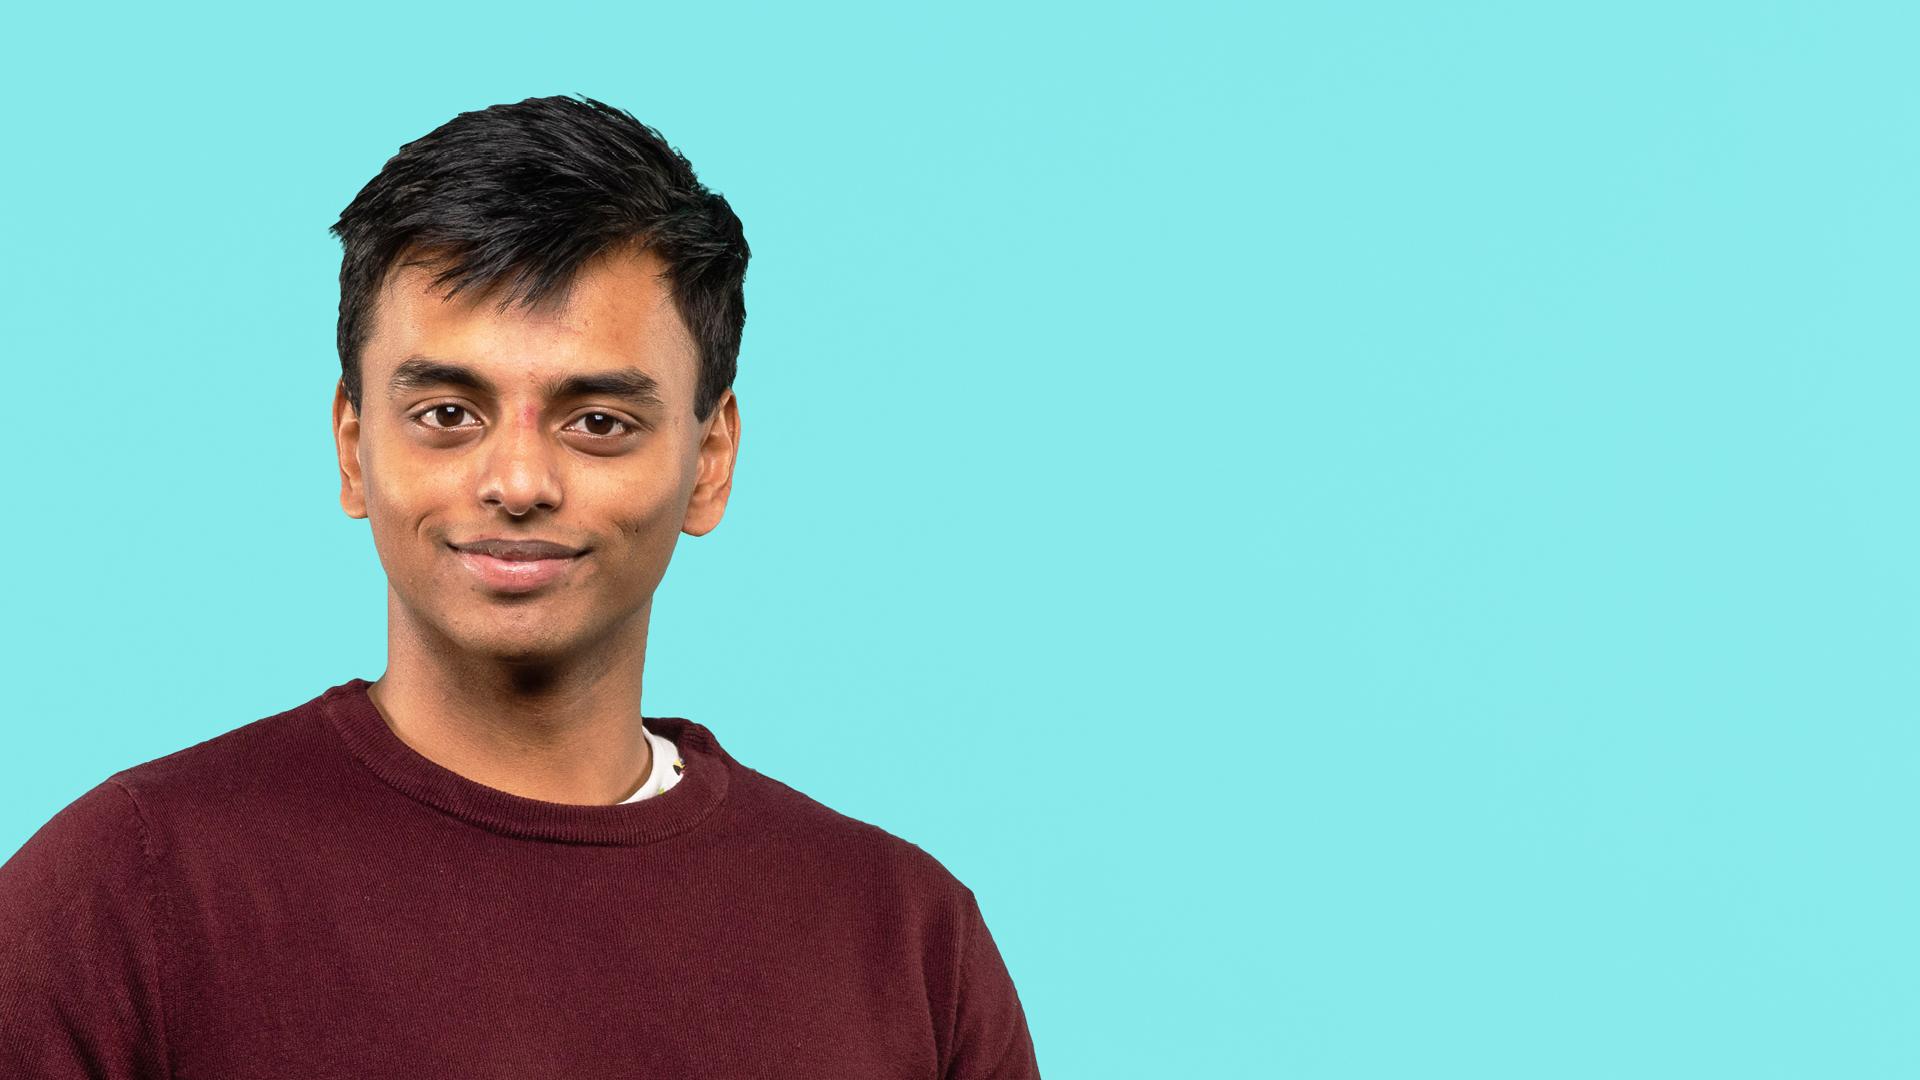 Jey Ashokkumaar profile image.